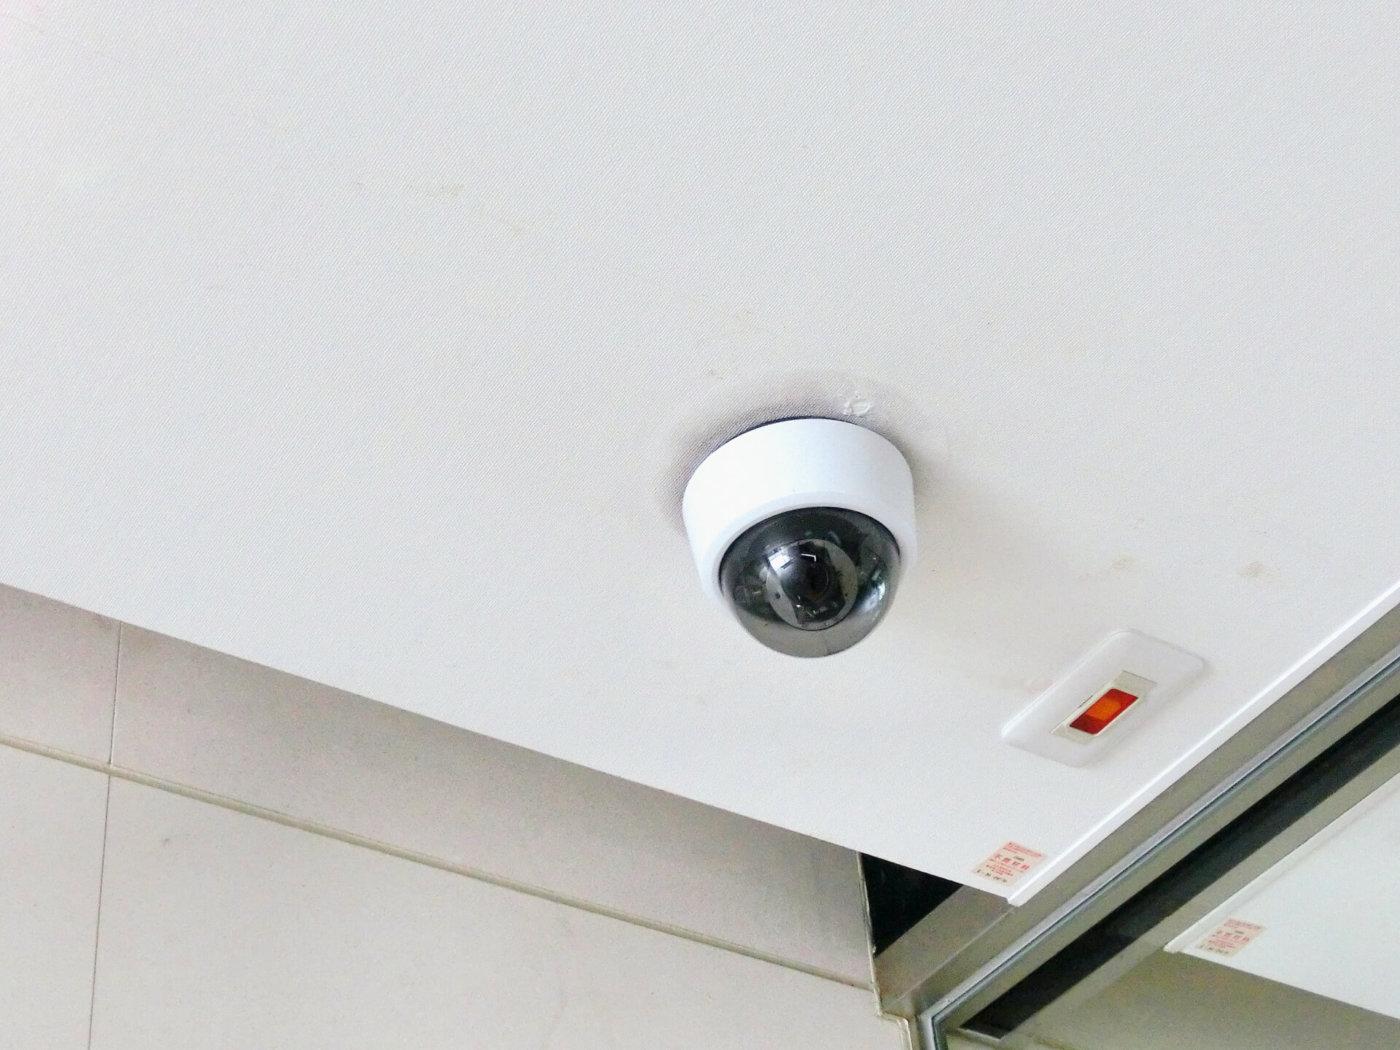 カラオケに監視カメラは当たり前?